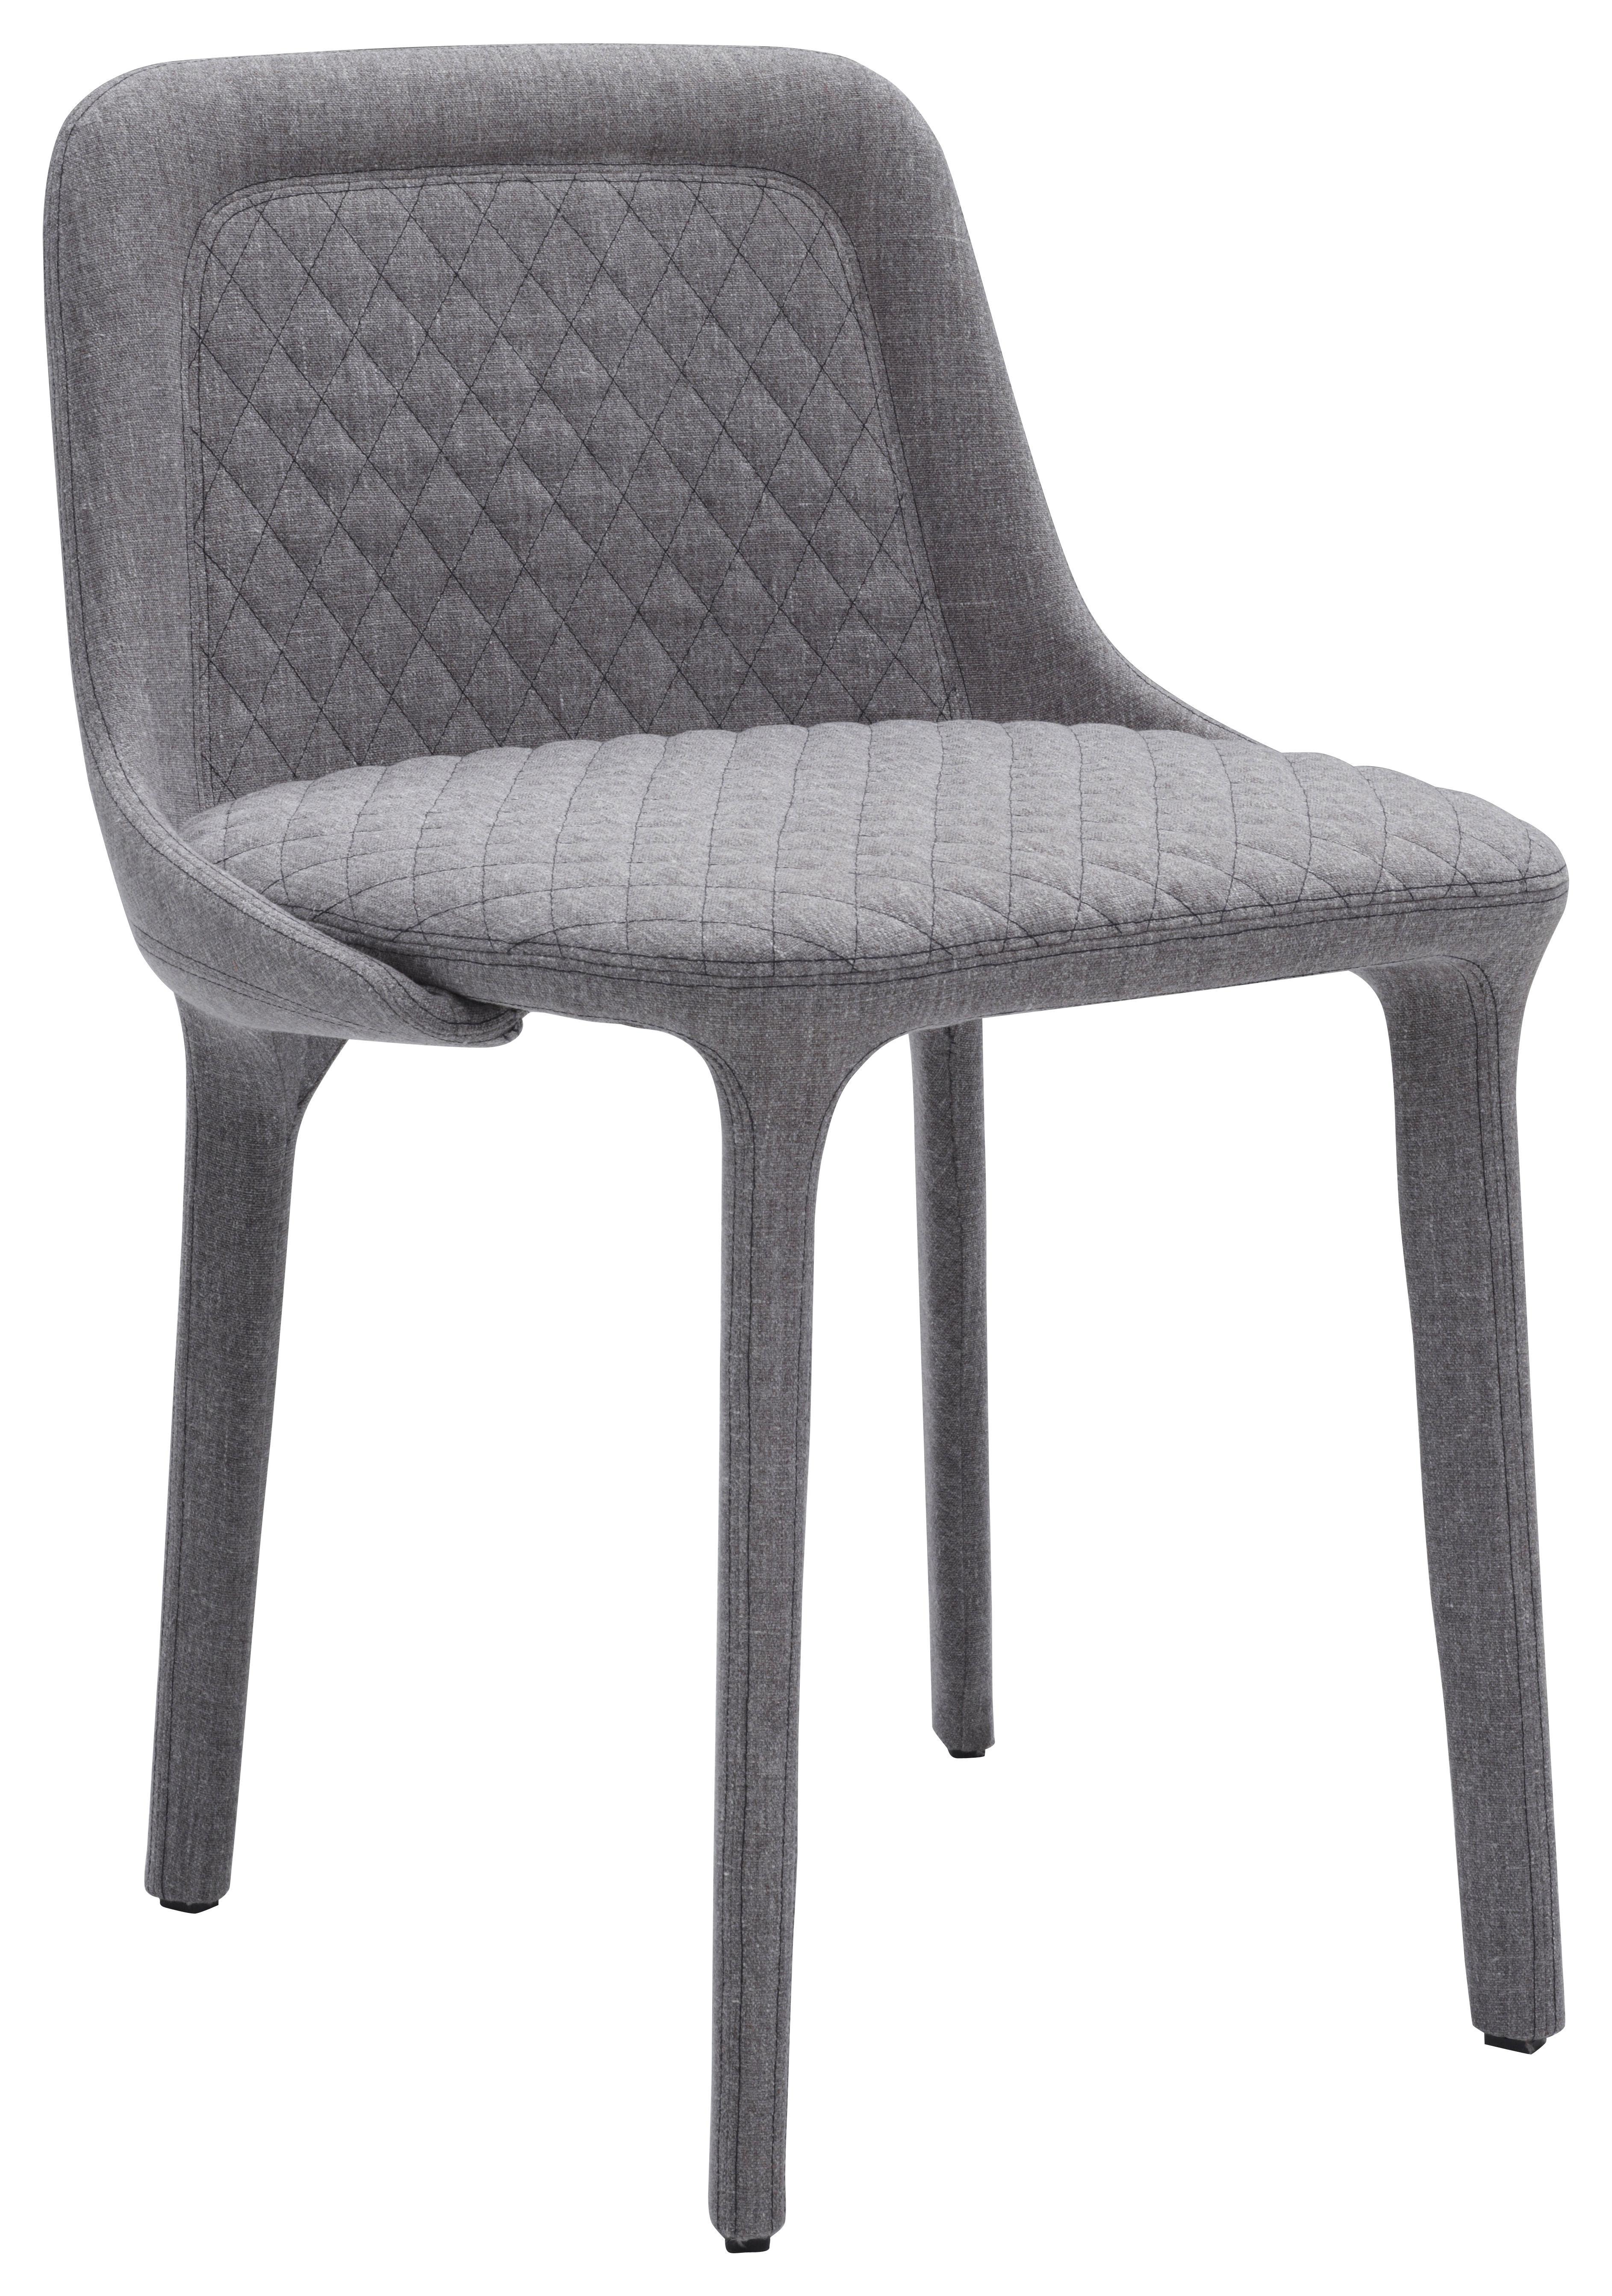 Mobilier - Chaises, fauteuils de salle à manger - Chaise rembourrée Lepel / Tissu matelassé - Casamania - Tissu Willow gris / Couture noire - Métal, Mousse polyuréthane, Tissu Kvadrat